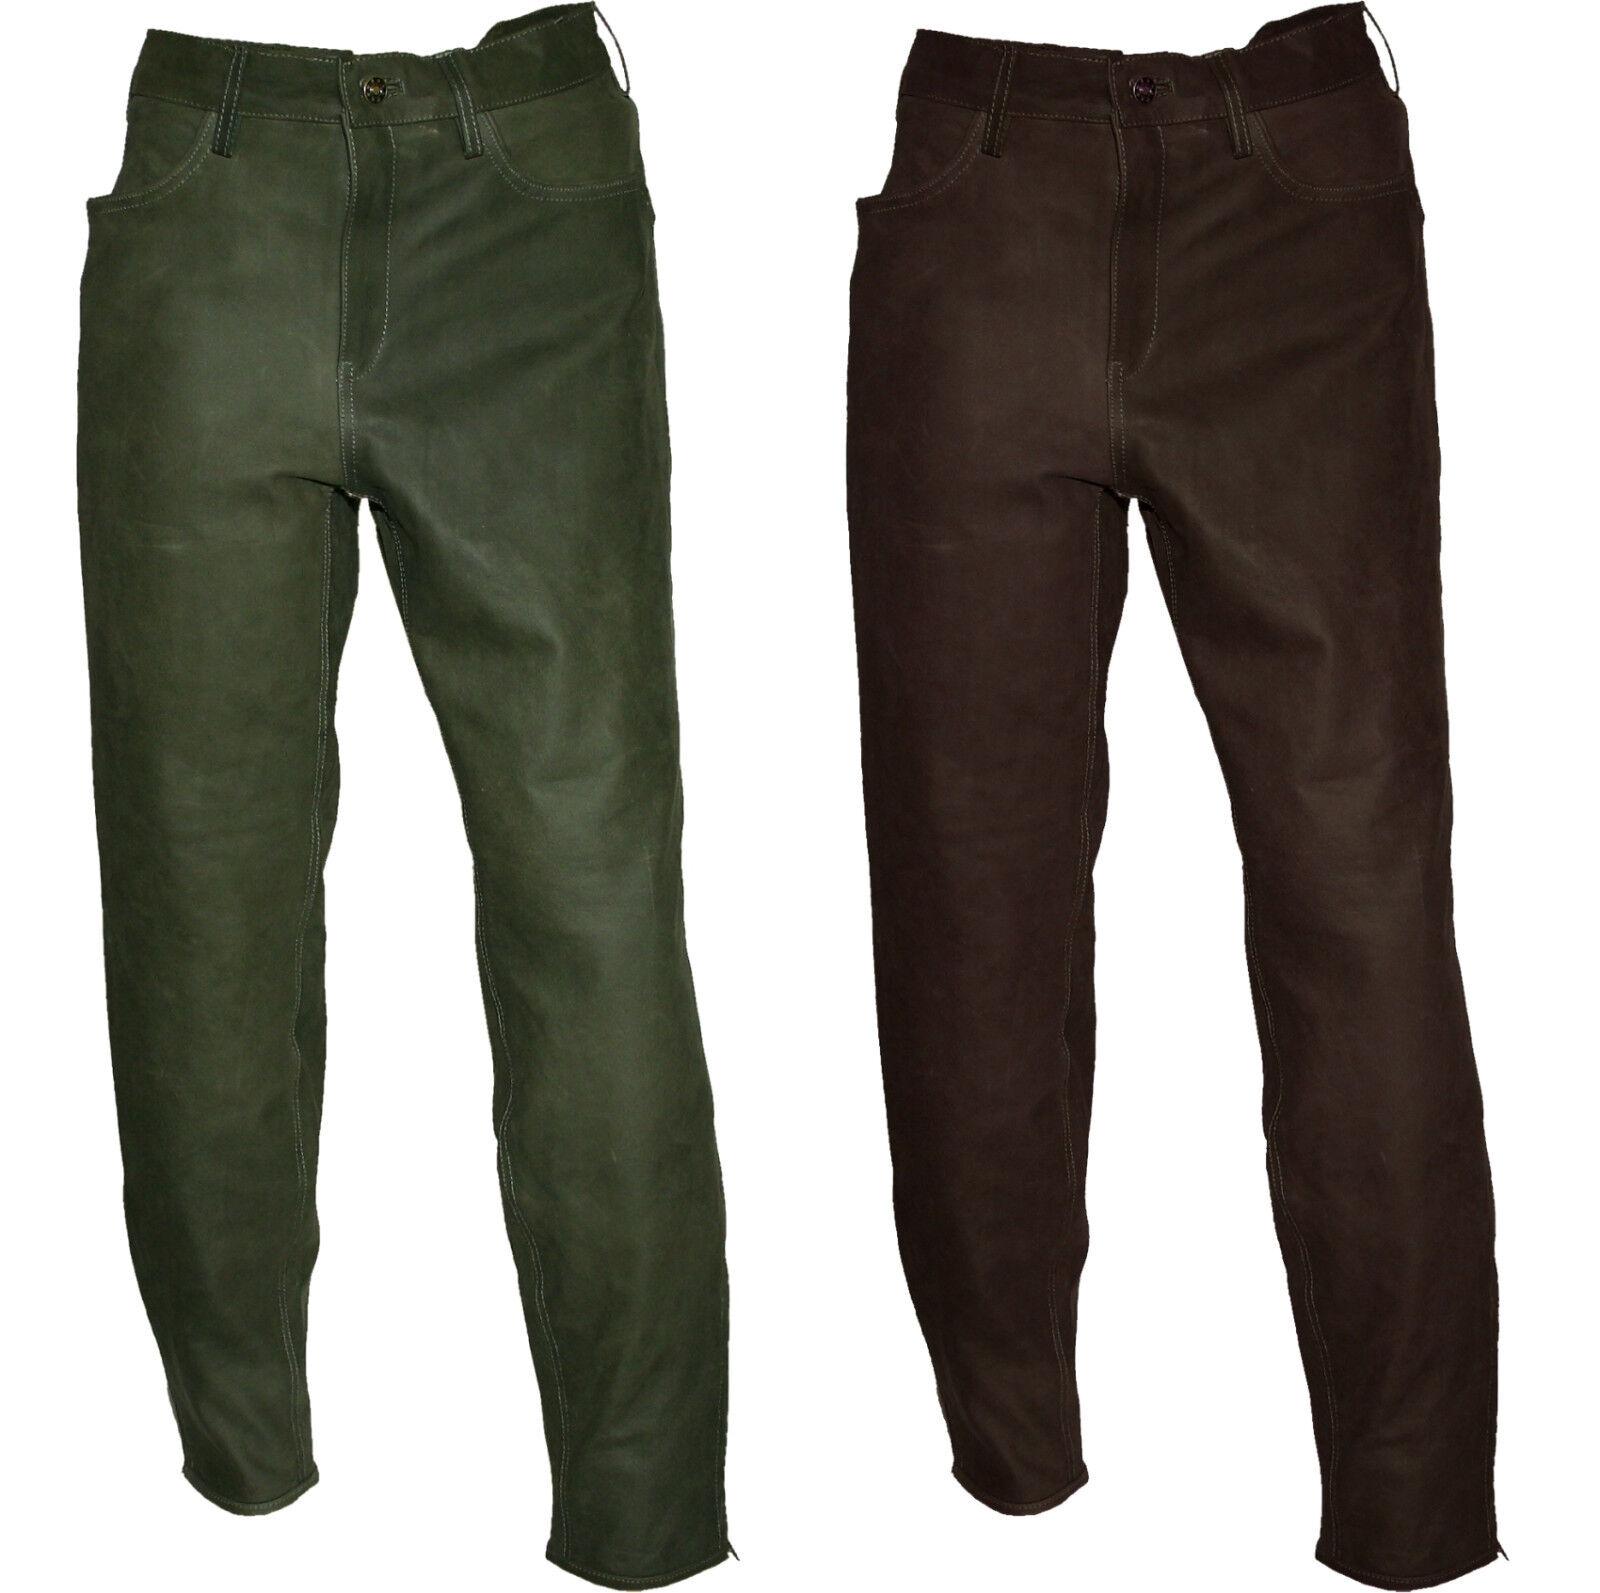 Stiefelhose Lederhose Jagdhose Outdoorhose Lederstiefelhose  oliv + brown